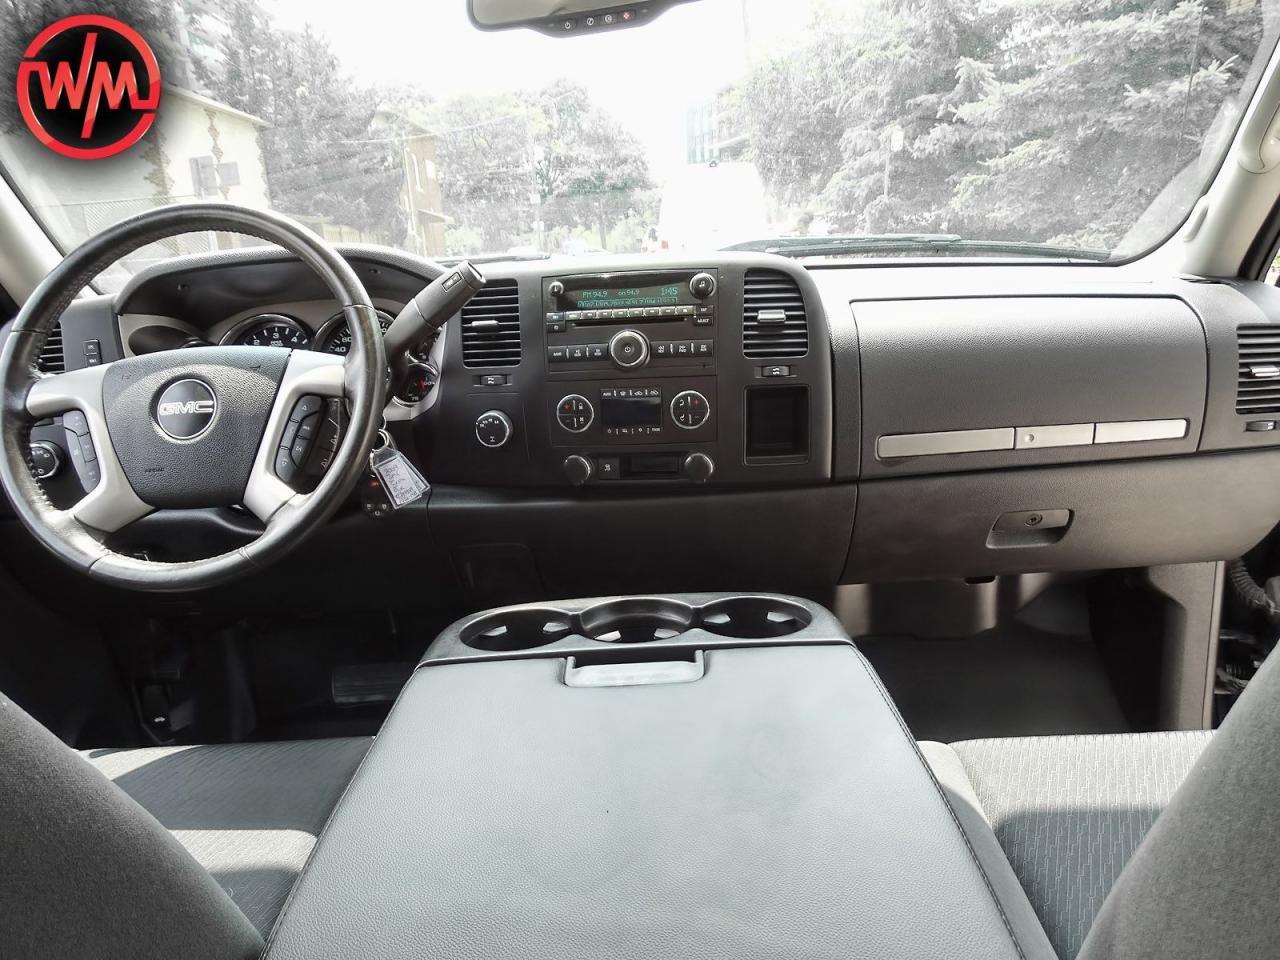 2009 GMC Sierra 1500